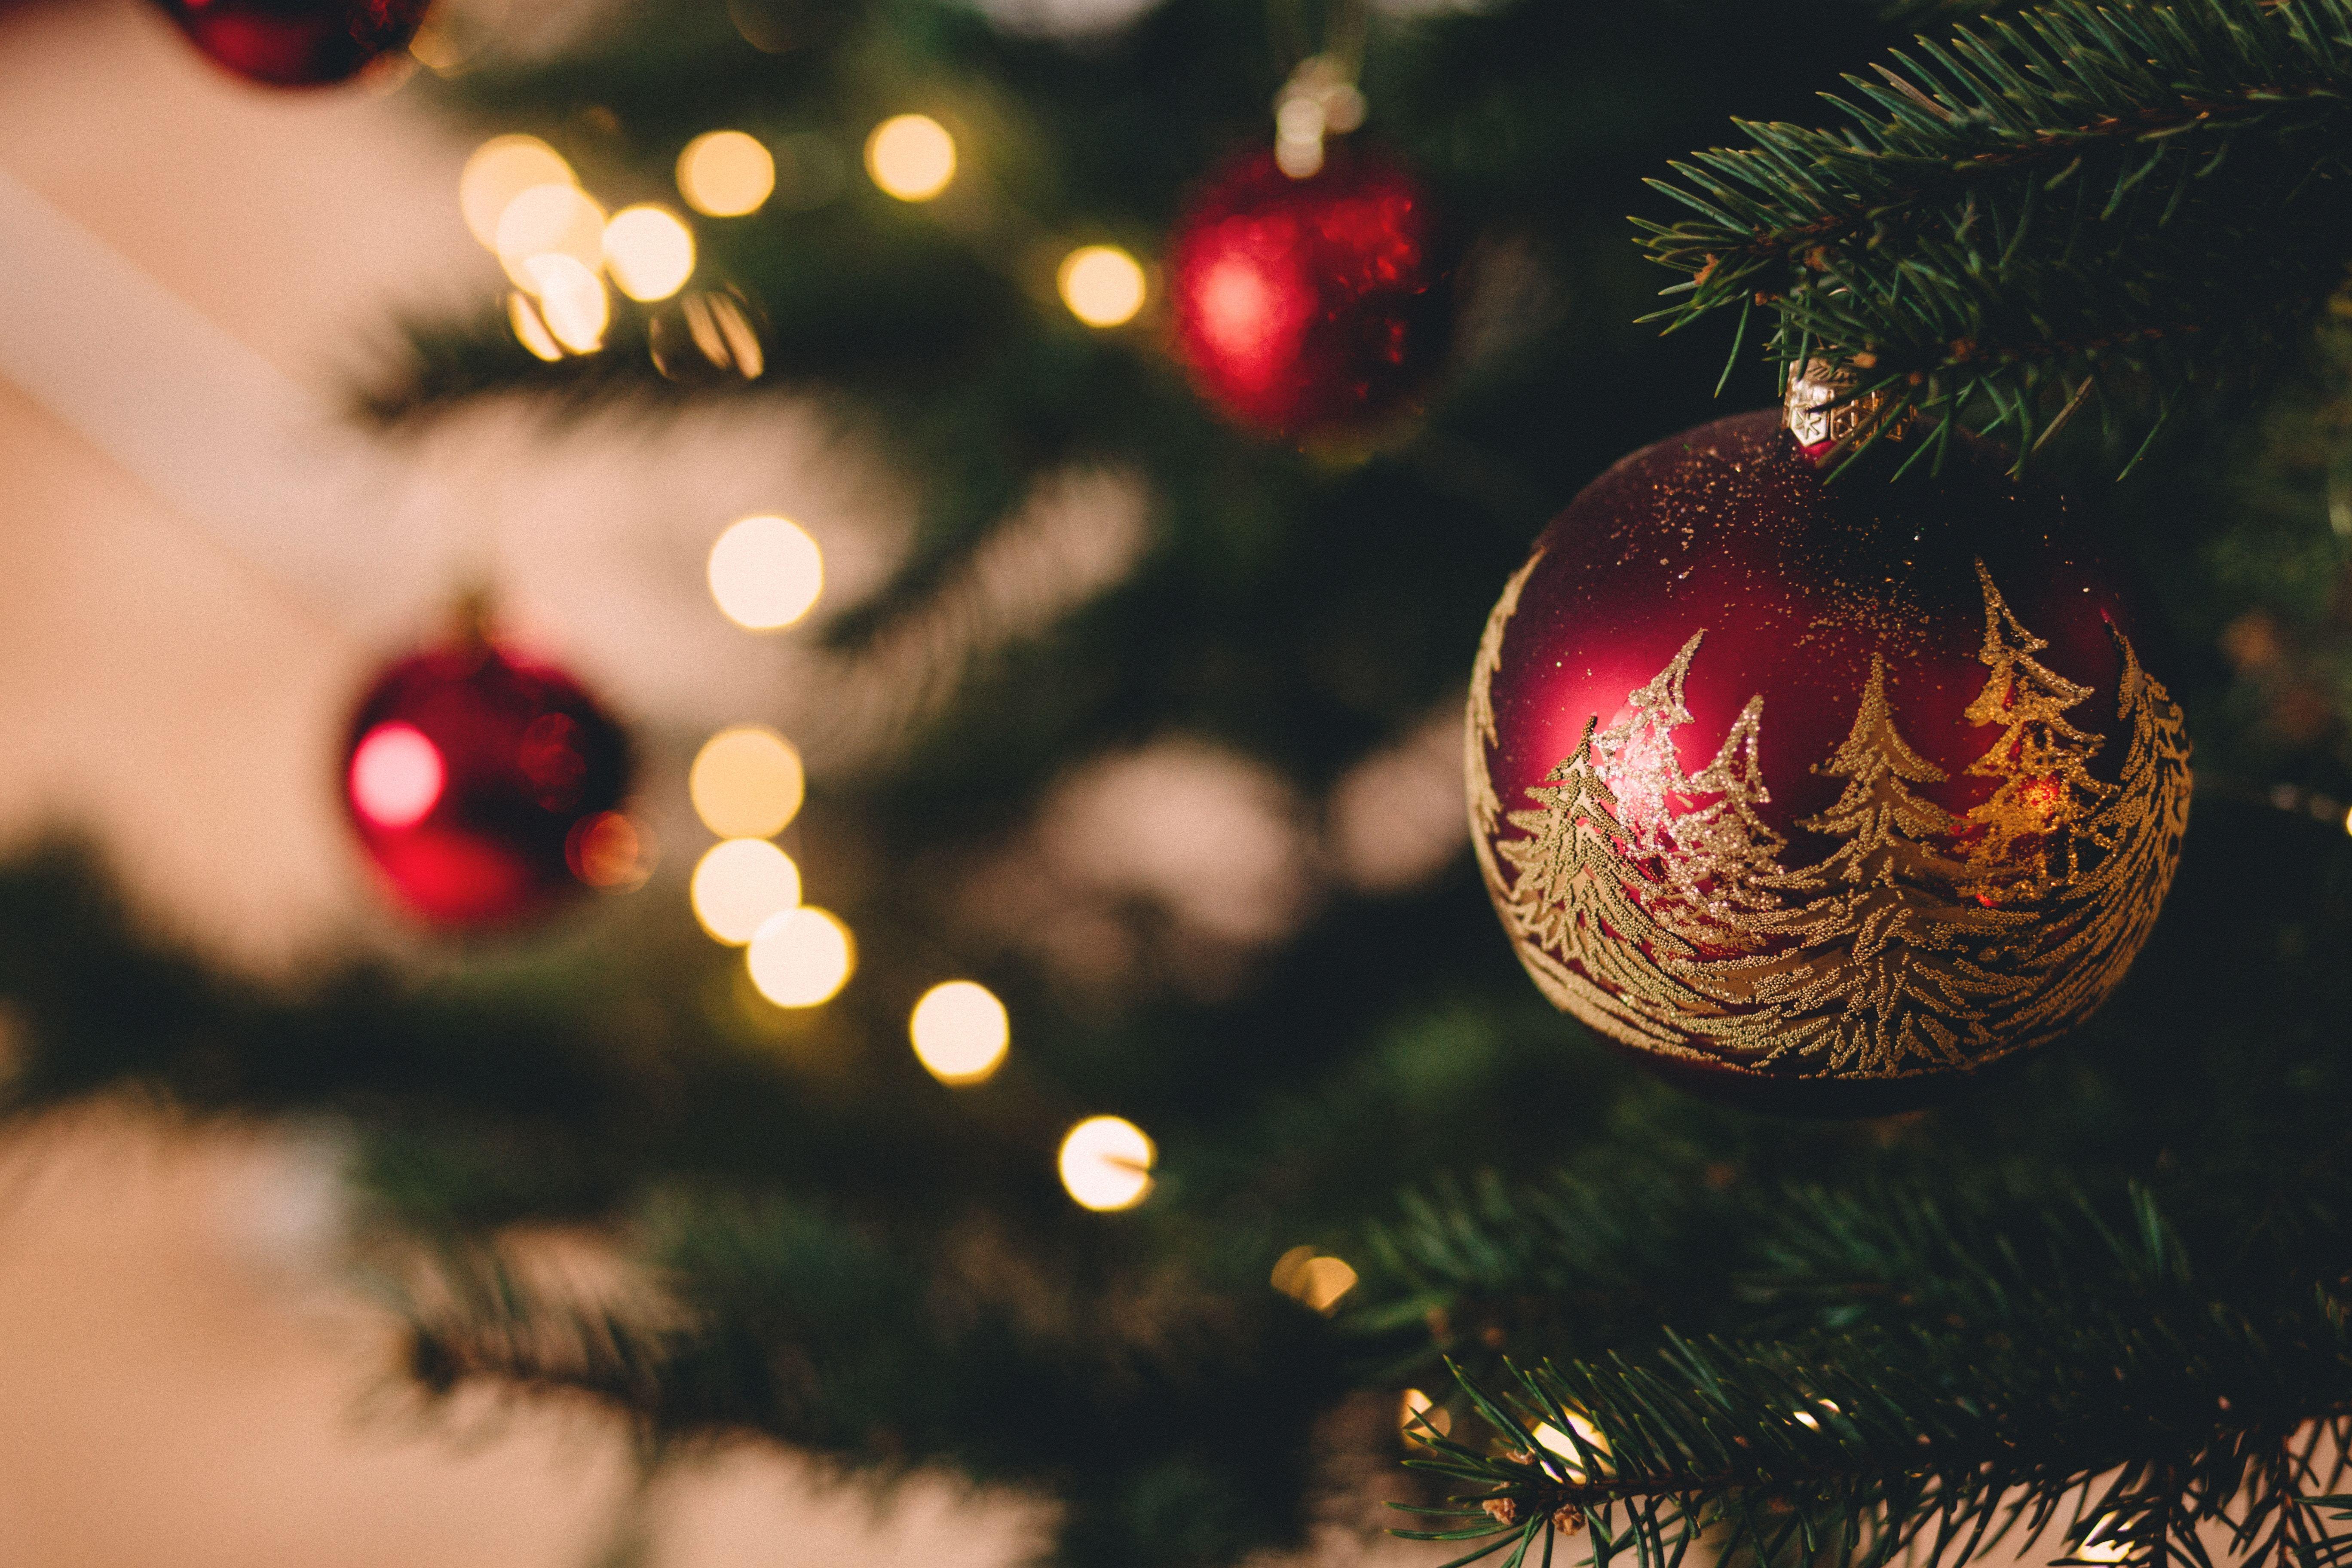 Christmas -Qf9Jklysug